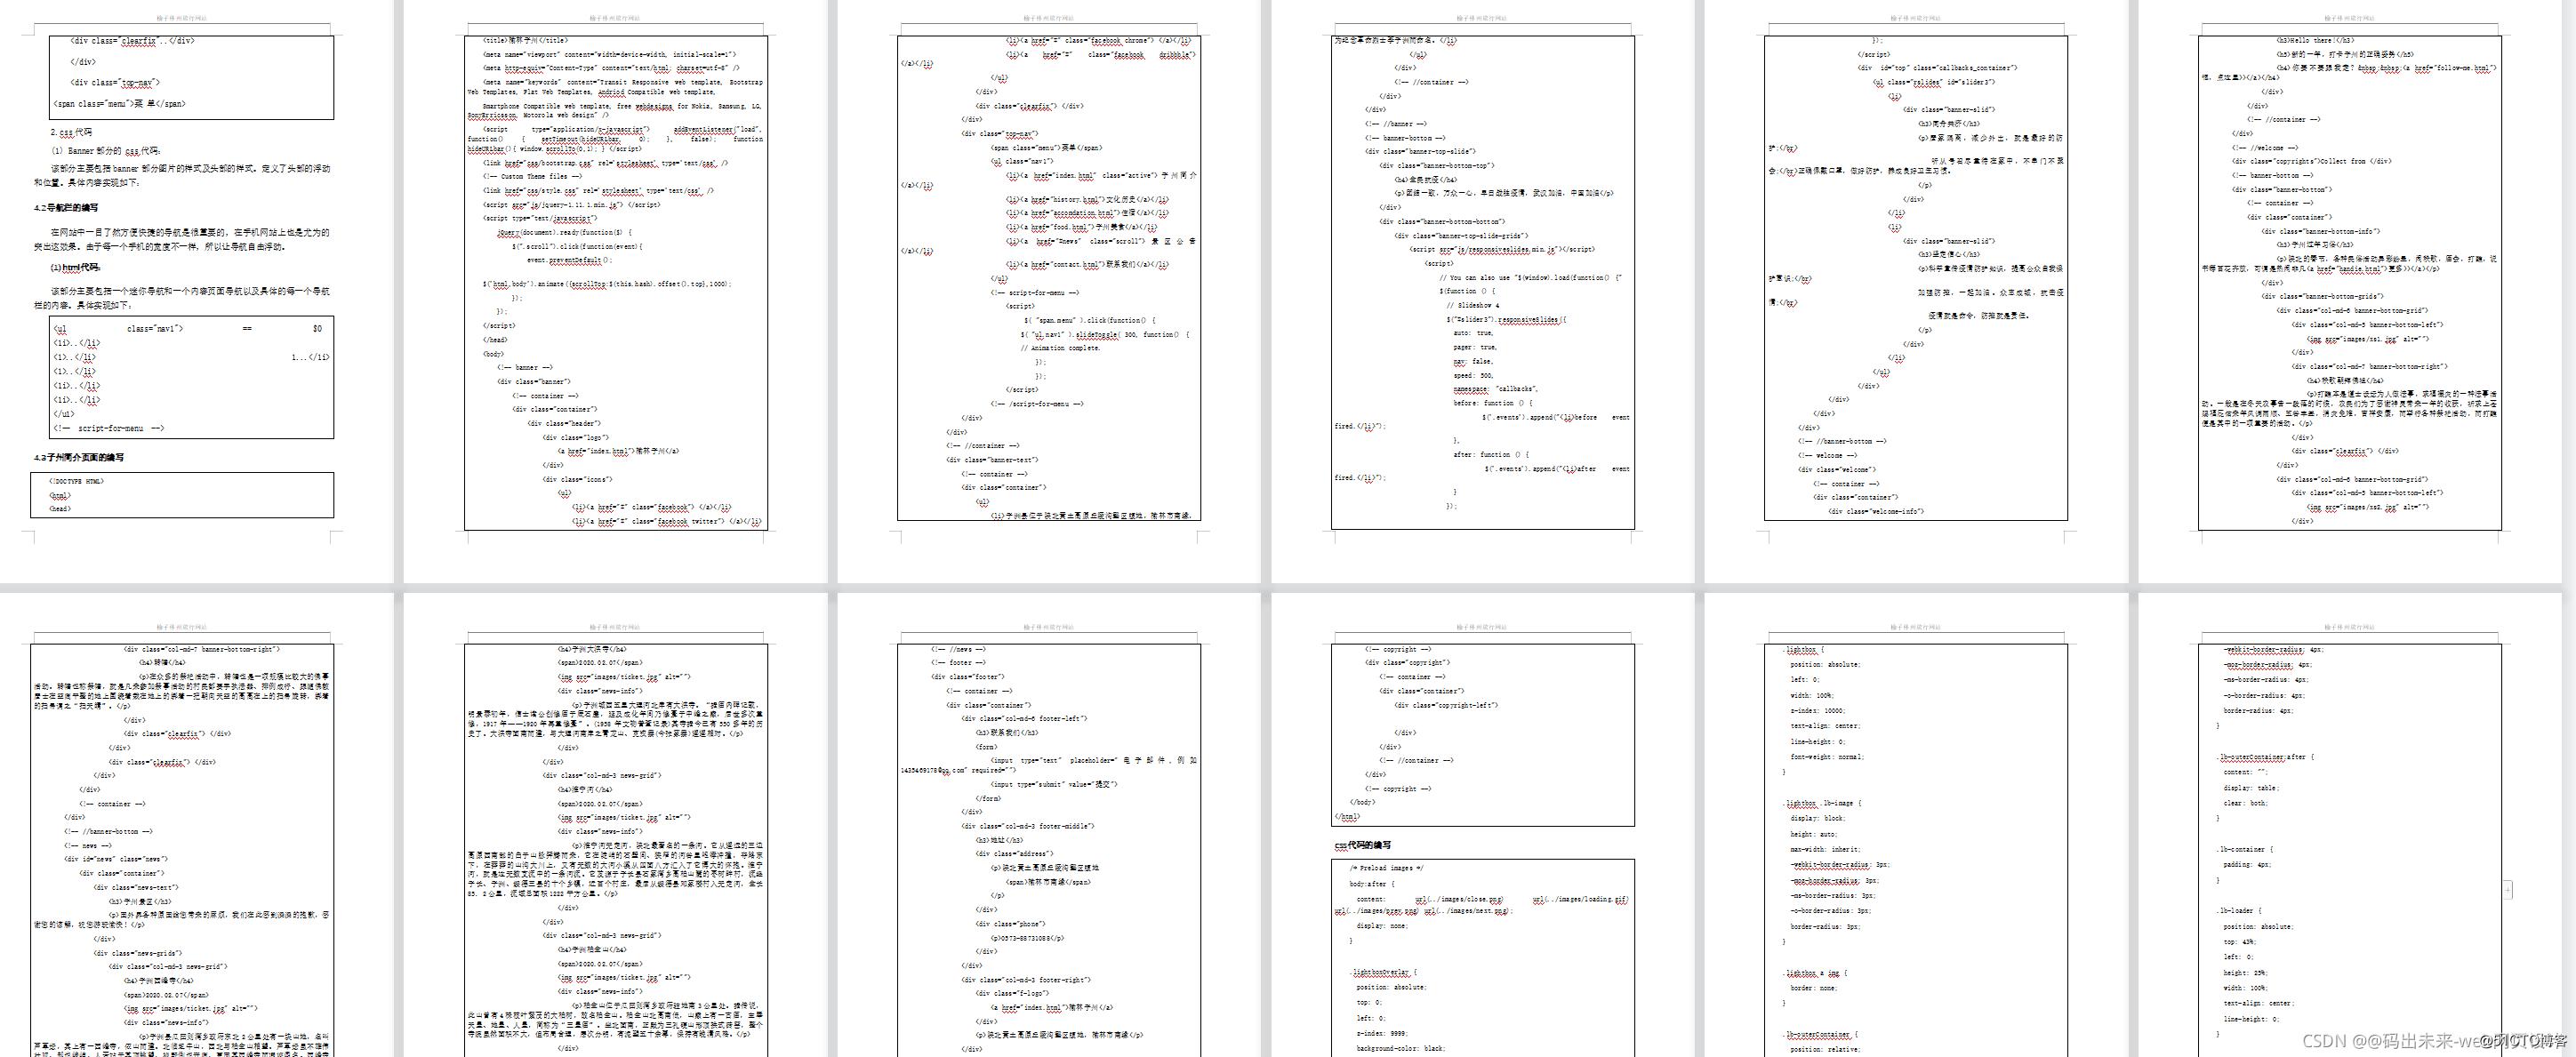 HTML5期末大作业:关于旅游景点介绍的HTML网页设计——榆林子州 8页 (含毕设论文9000字) 建议收藏_旅游网页设计源码HTML_11